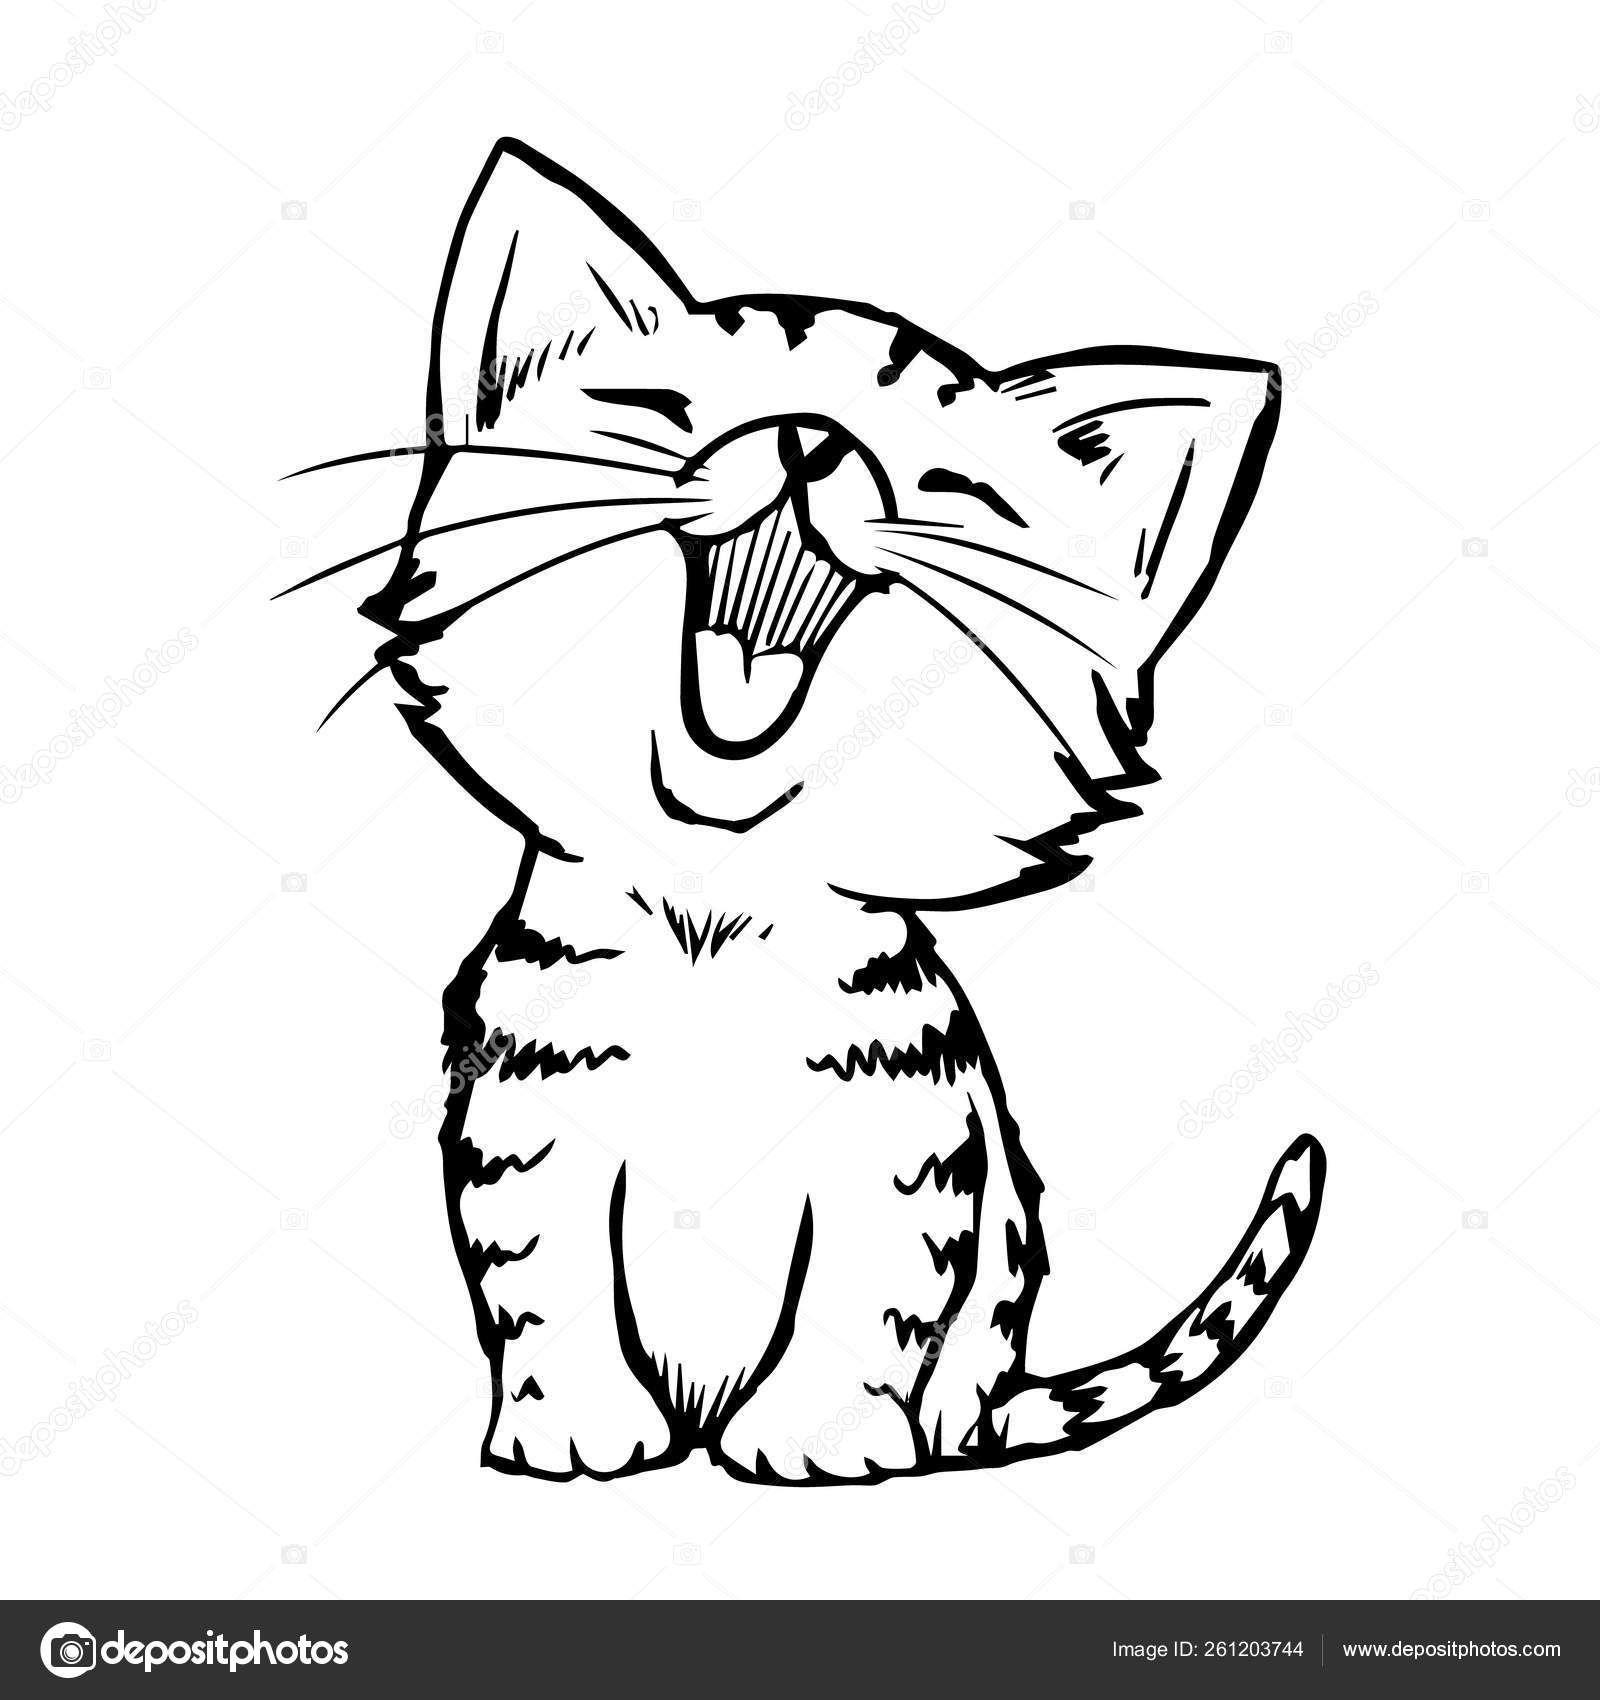 Ilustracion De Dibujo A Mano Alzada De Gato Dibujado A Mano Doodle Gatito Ilustraciones De Gato Dibujos De Gatos Dibujo Gato Facil